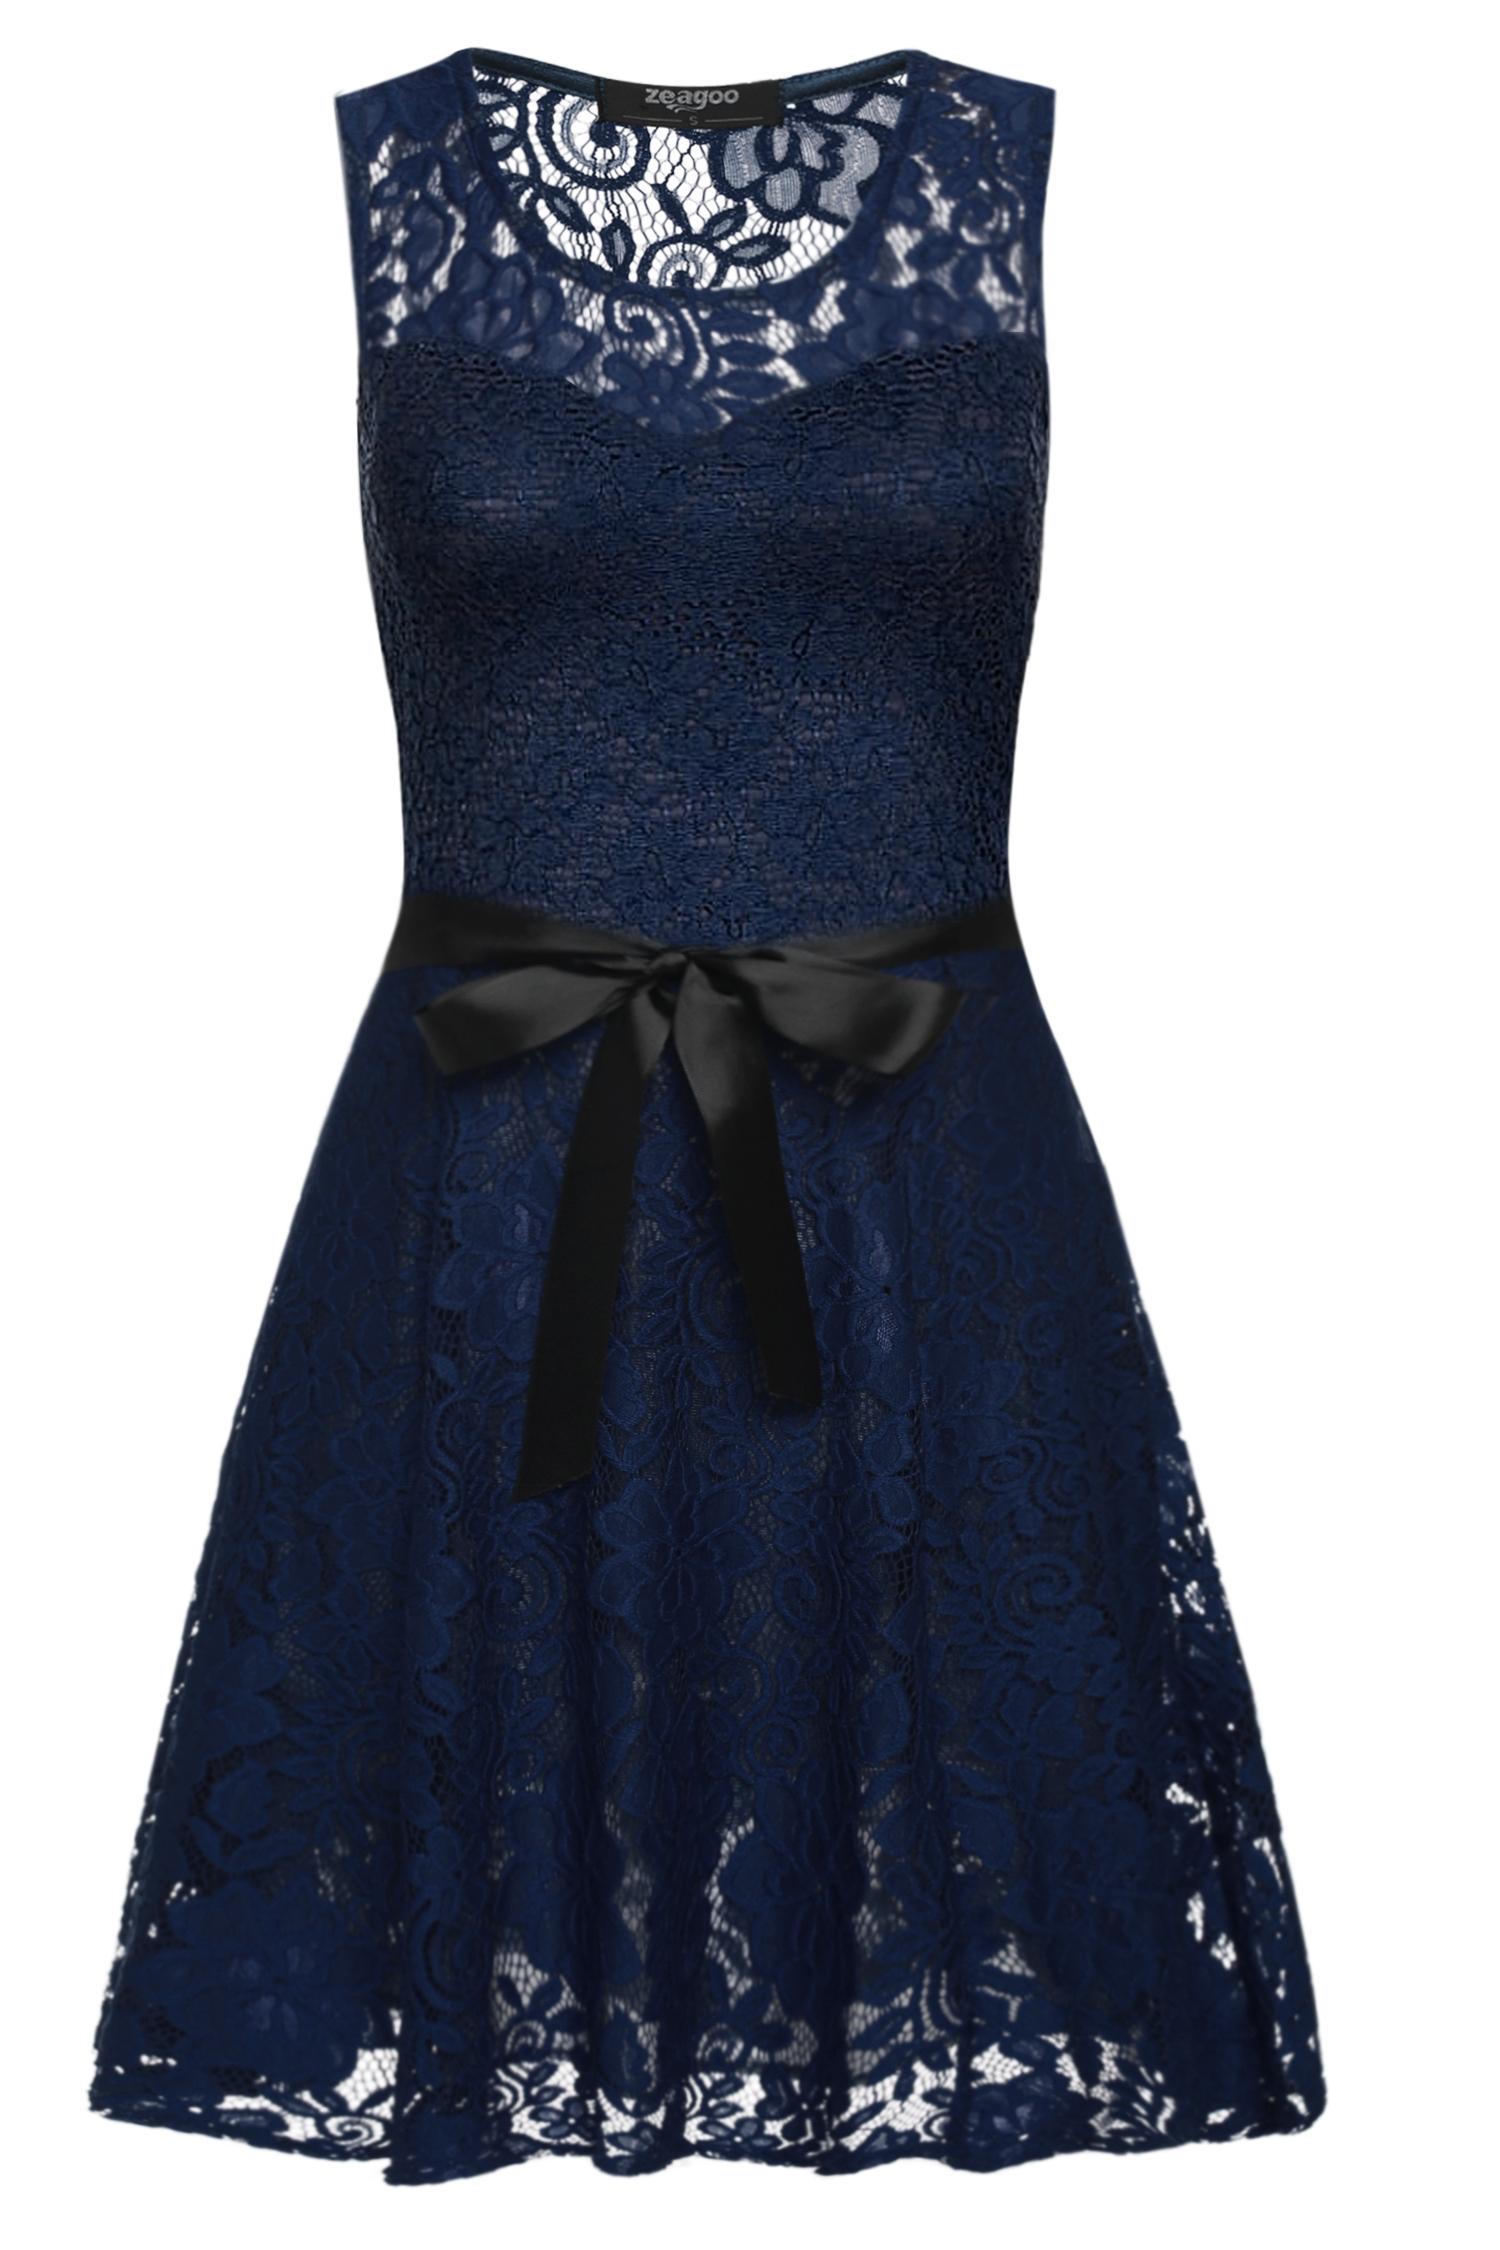 002 Dámské VINTAGE šaty modré celokrajkové (Velikost : M)